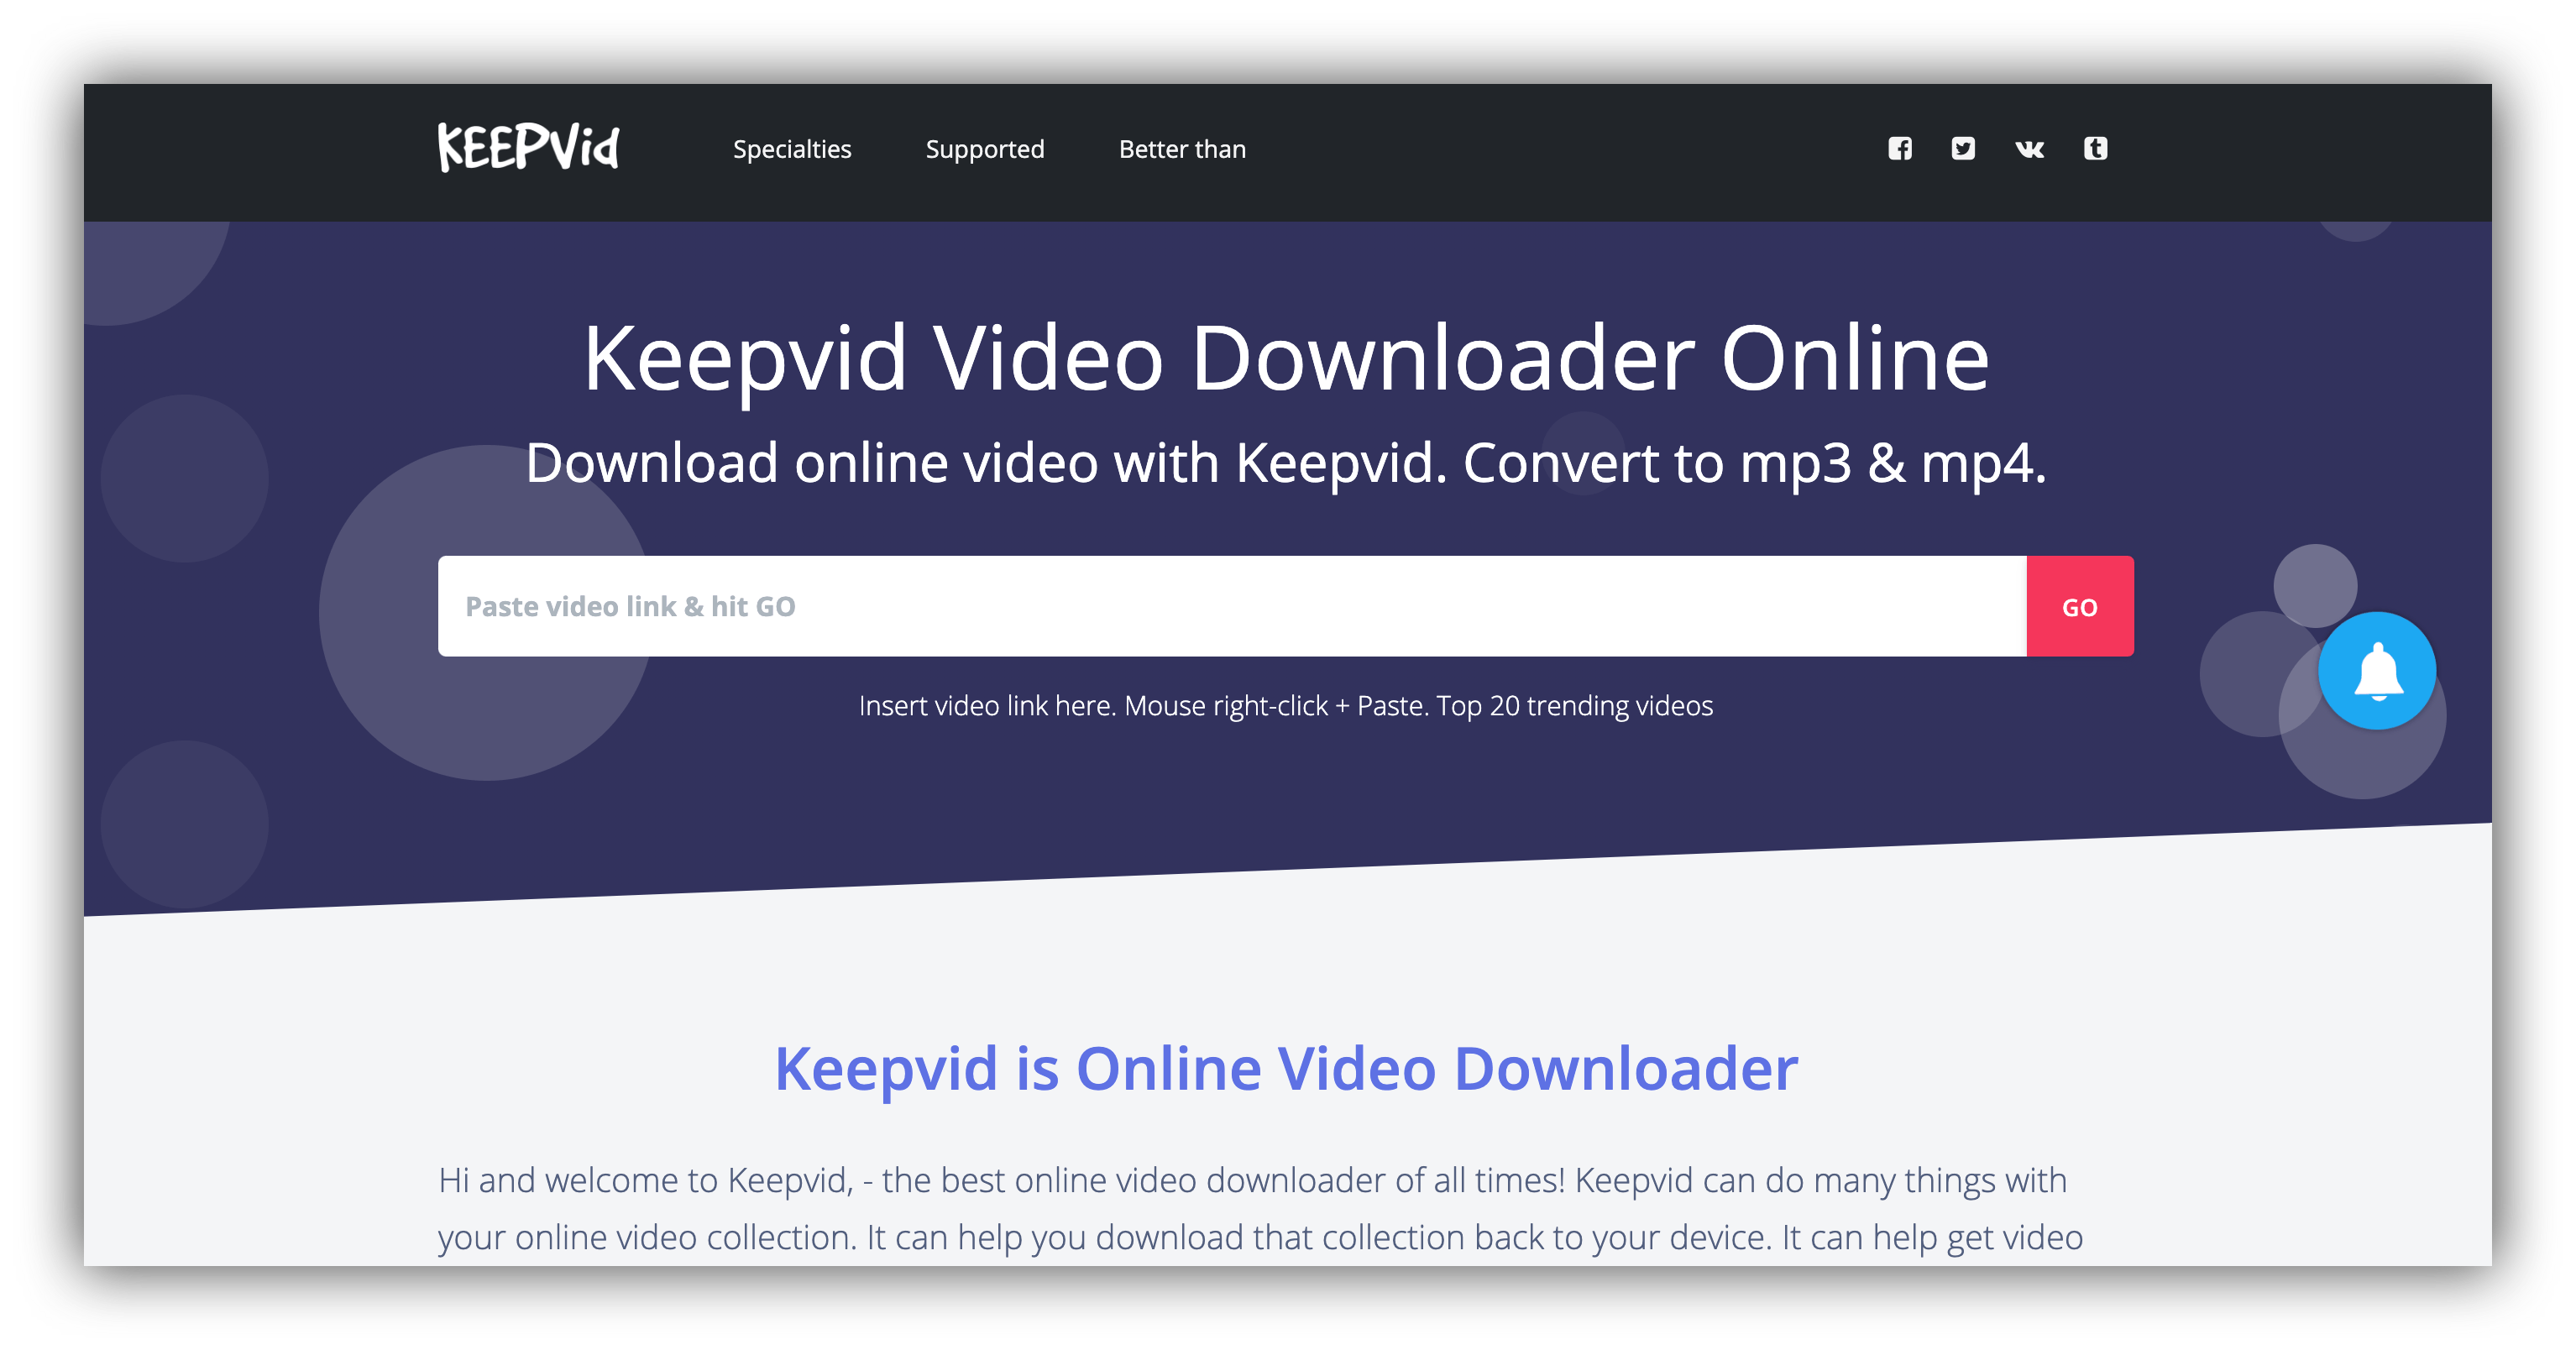 keepvid homepage